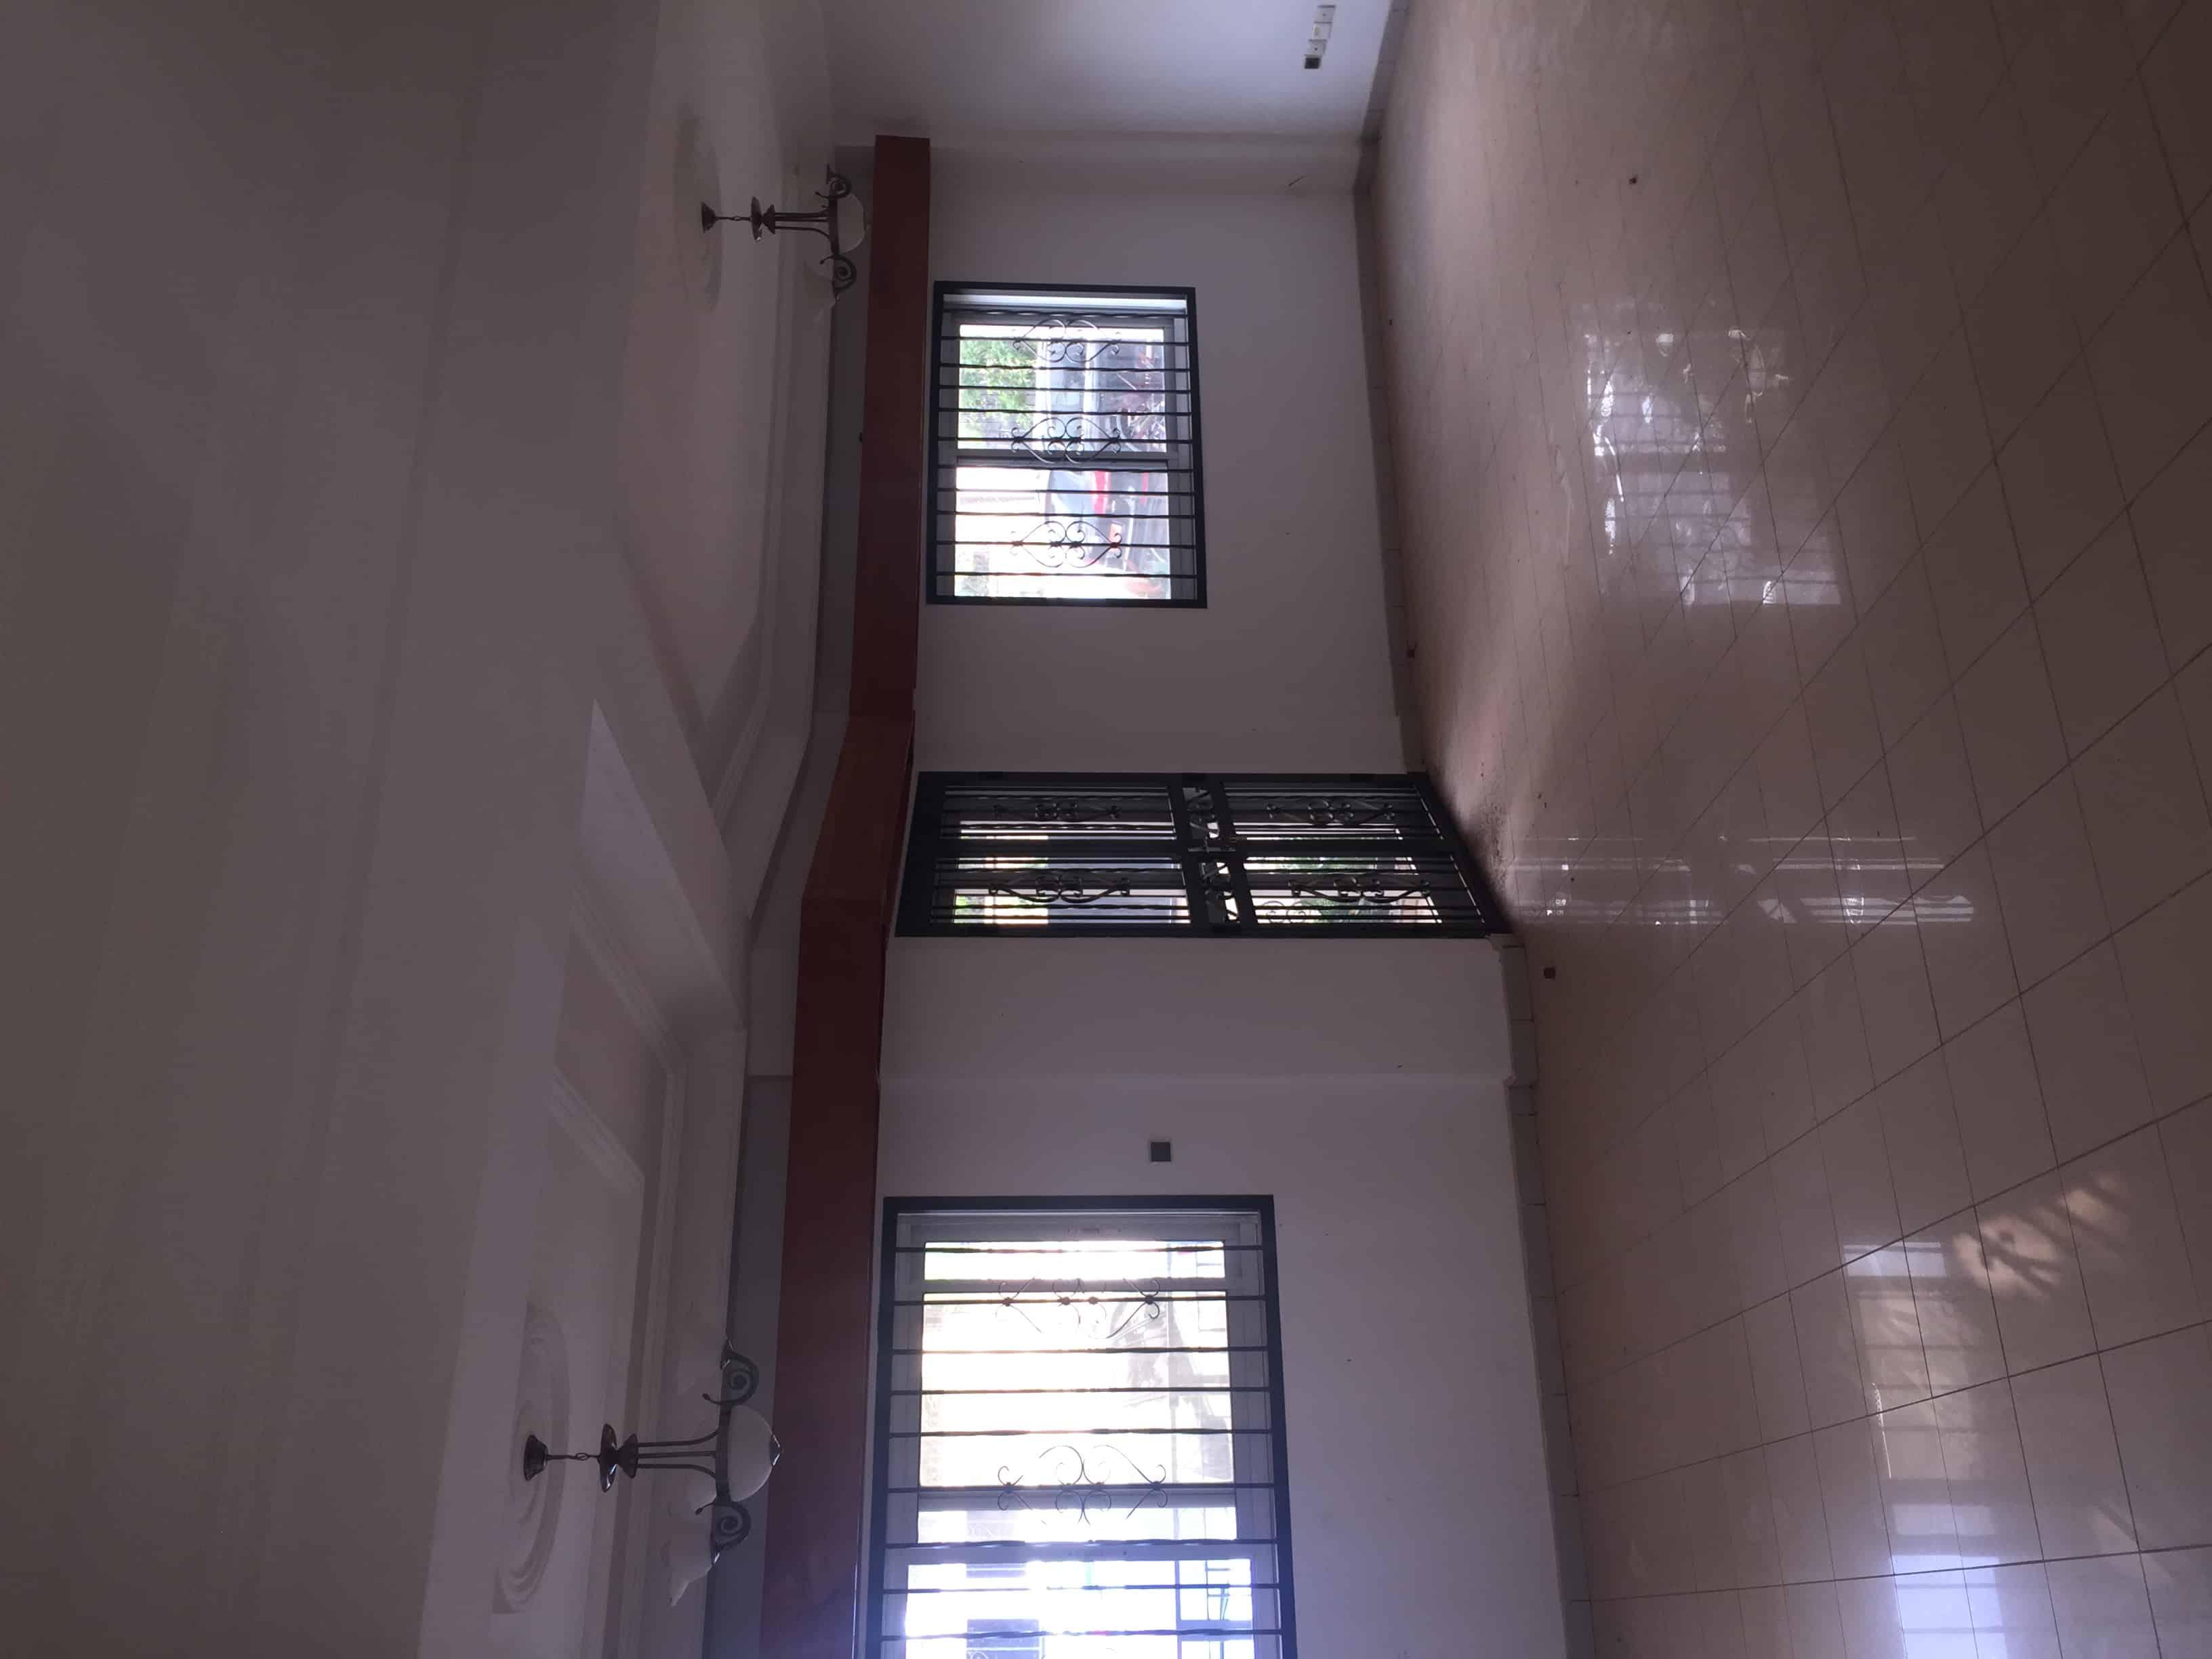 Appartement à louer - Yaoundé, Bastos, Quartier Golf - 1 salon(s), 3 chambre(s), 2 salle(s) de bains - 1 000 000 FCFA / mois